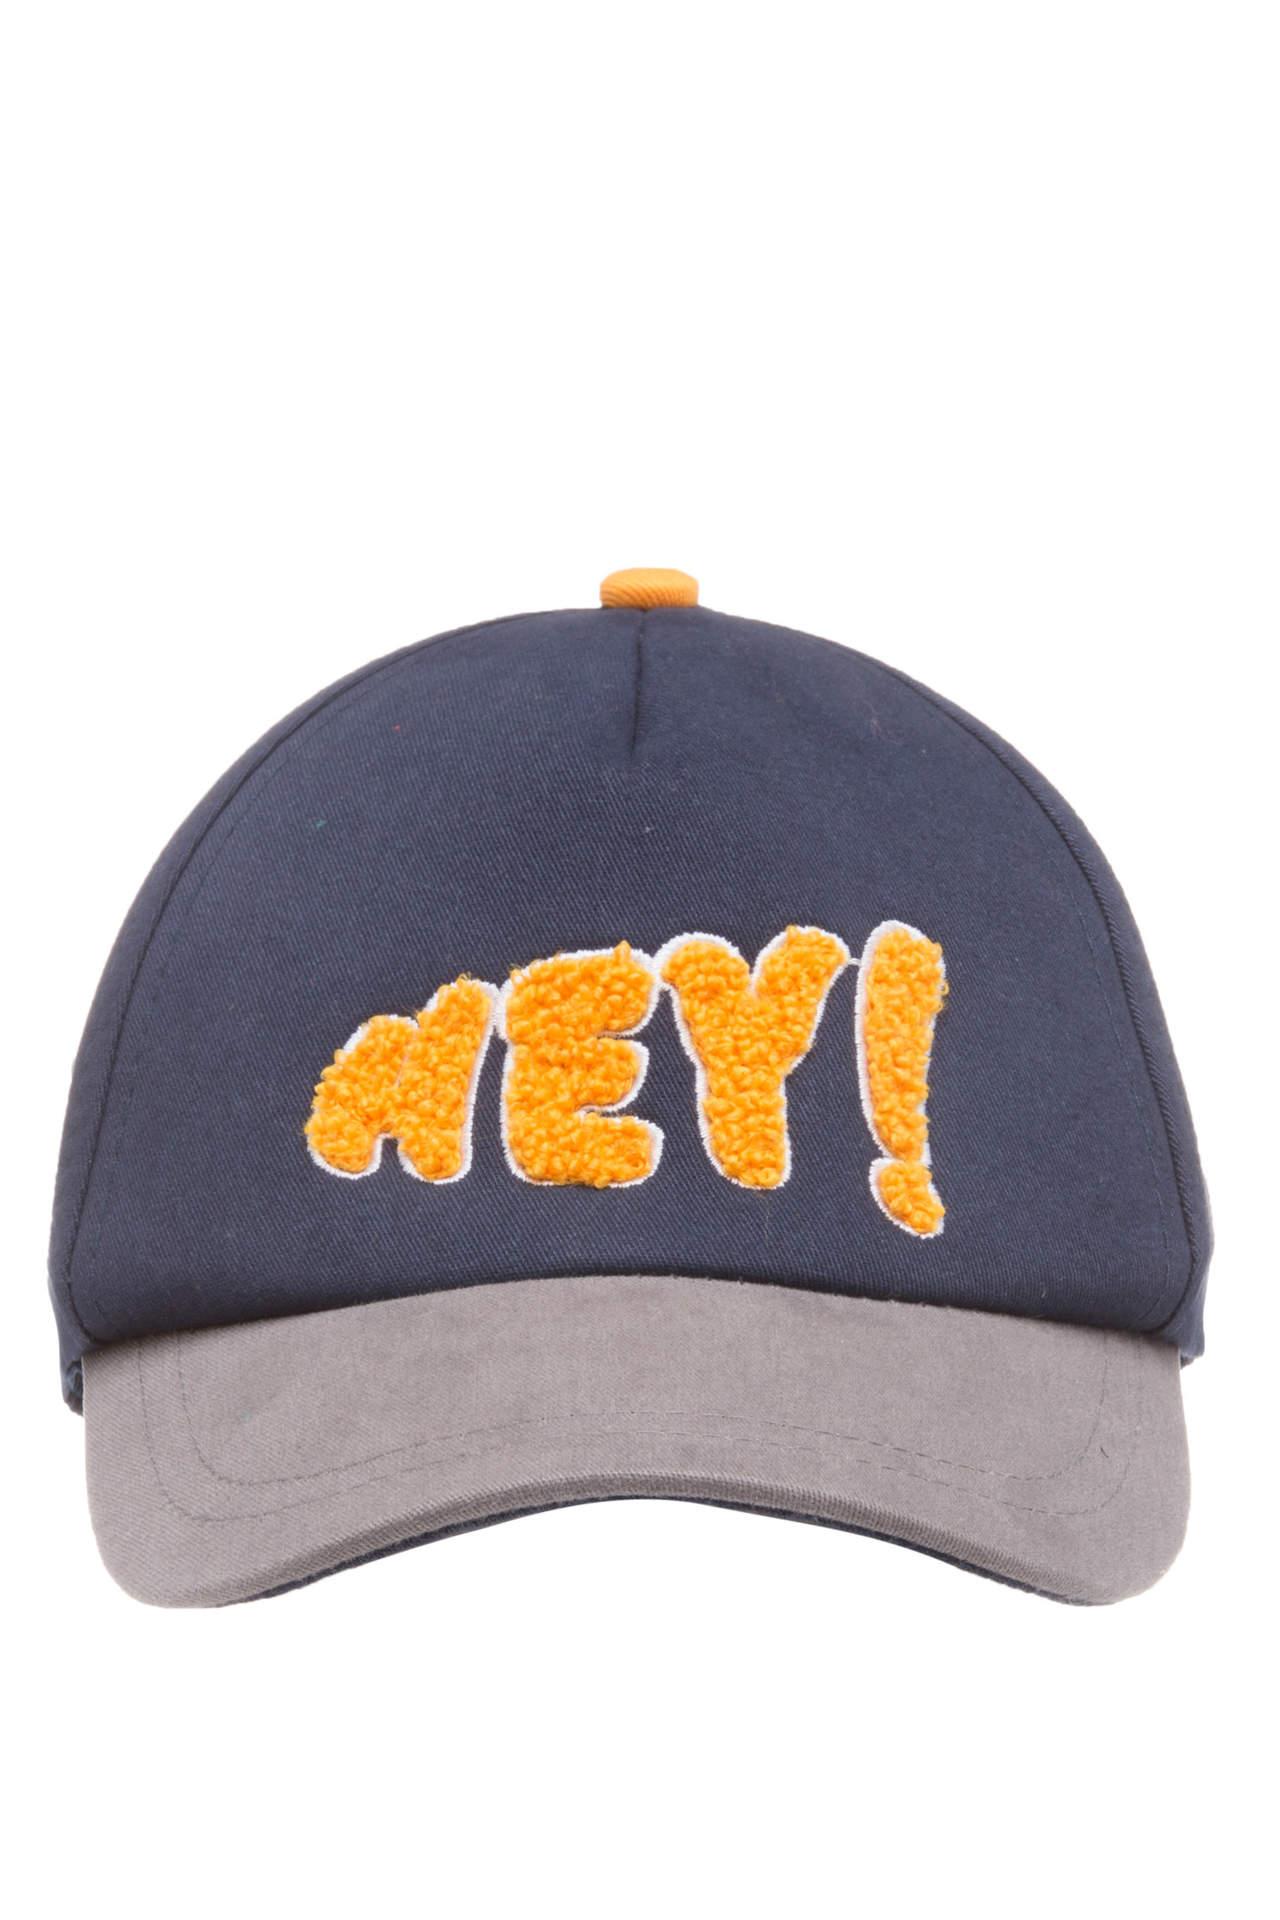 DeFacto Erkek Çocuk Yazı Baskılı Baseball Şapka Mavi male